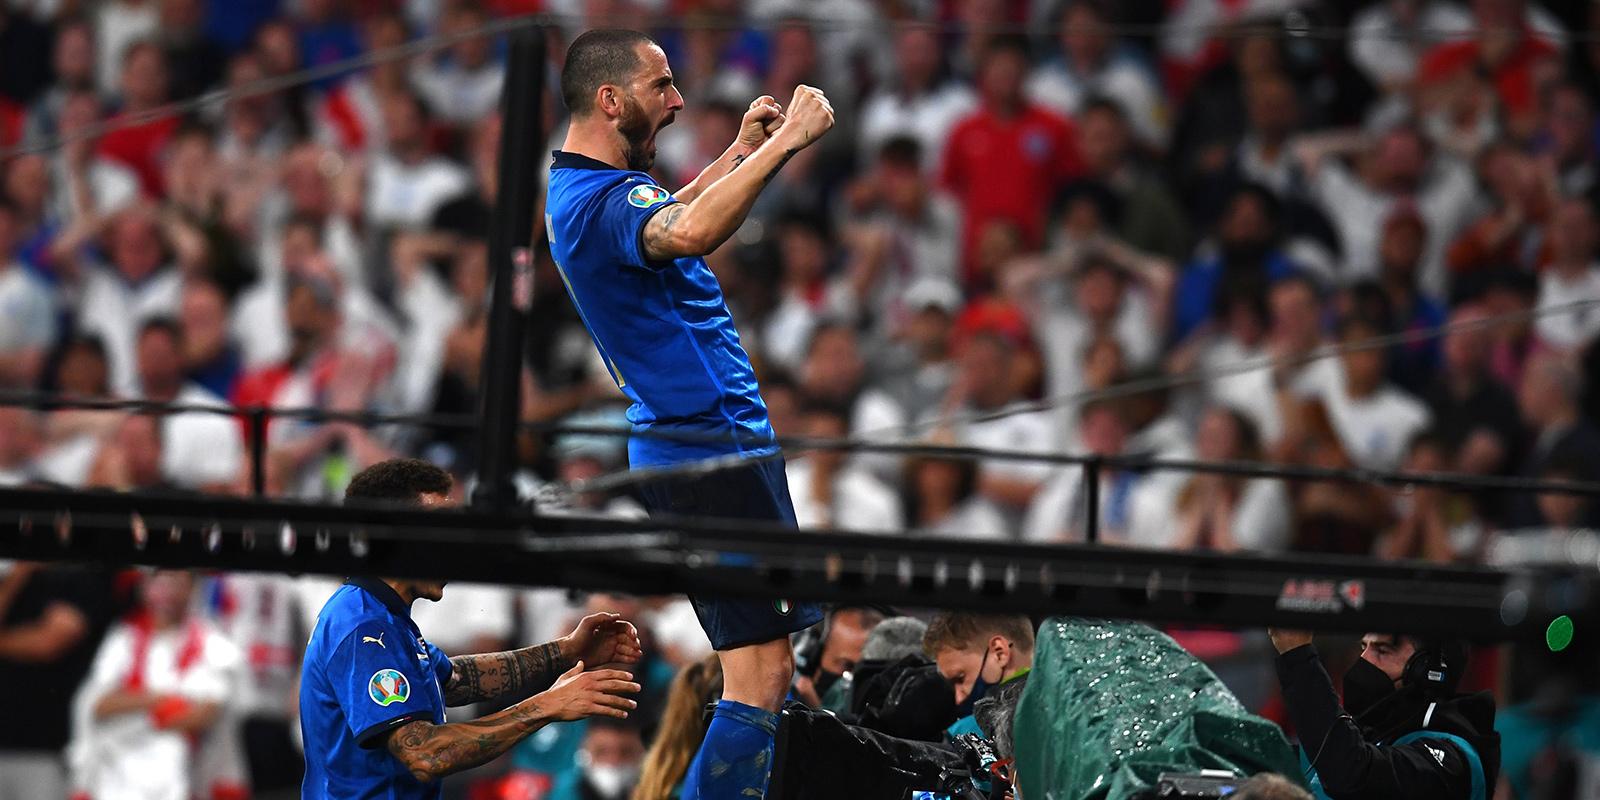 Son dakika | EURO 2020 şampiyonu belli oldu